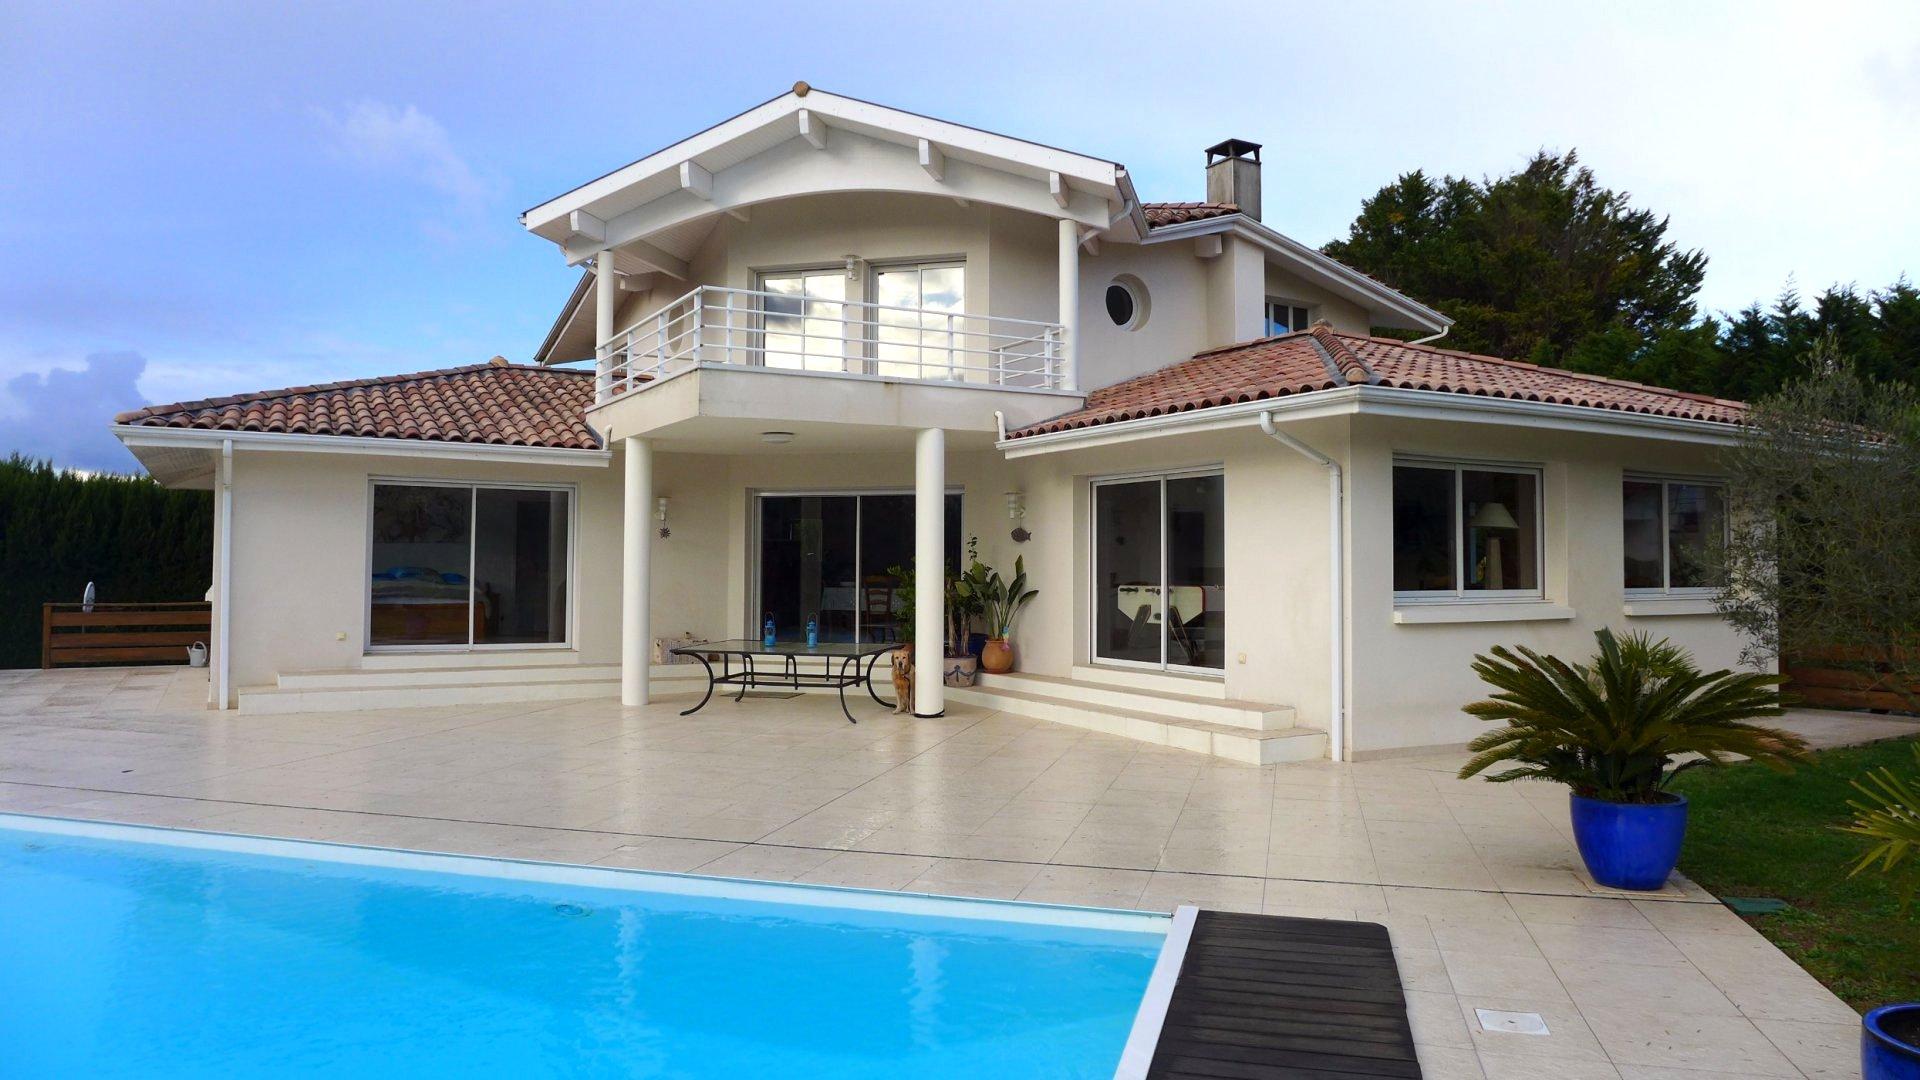 Villa De Standing A 10 Minutes D 39 Hossegor Terres Oc An